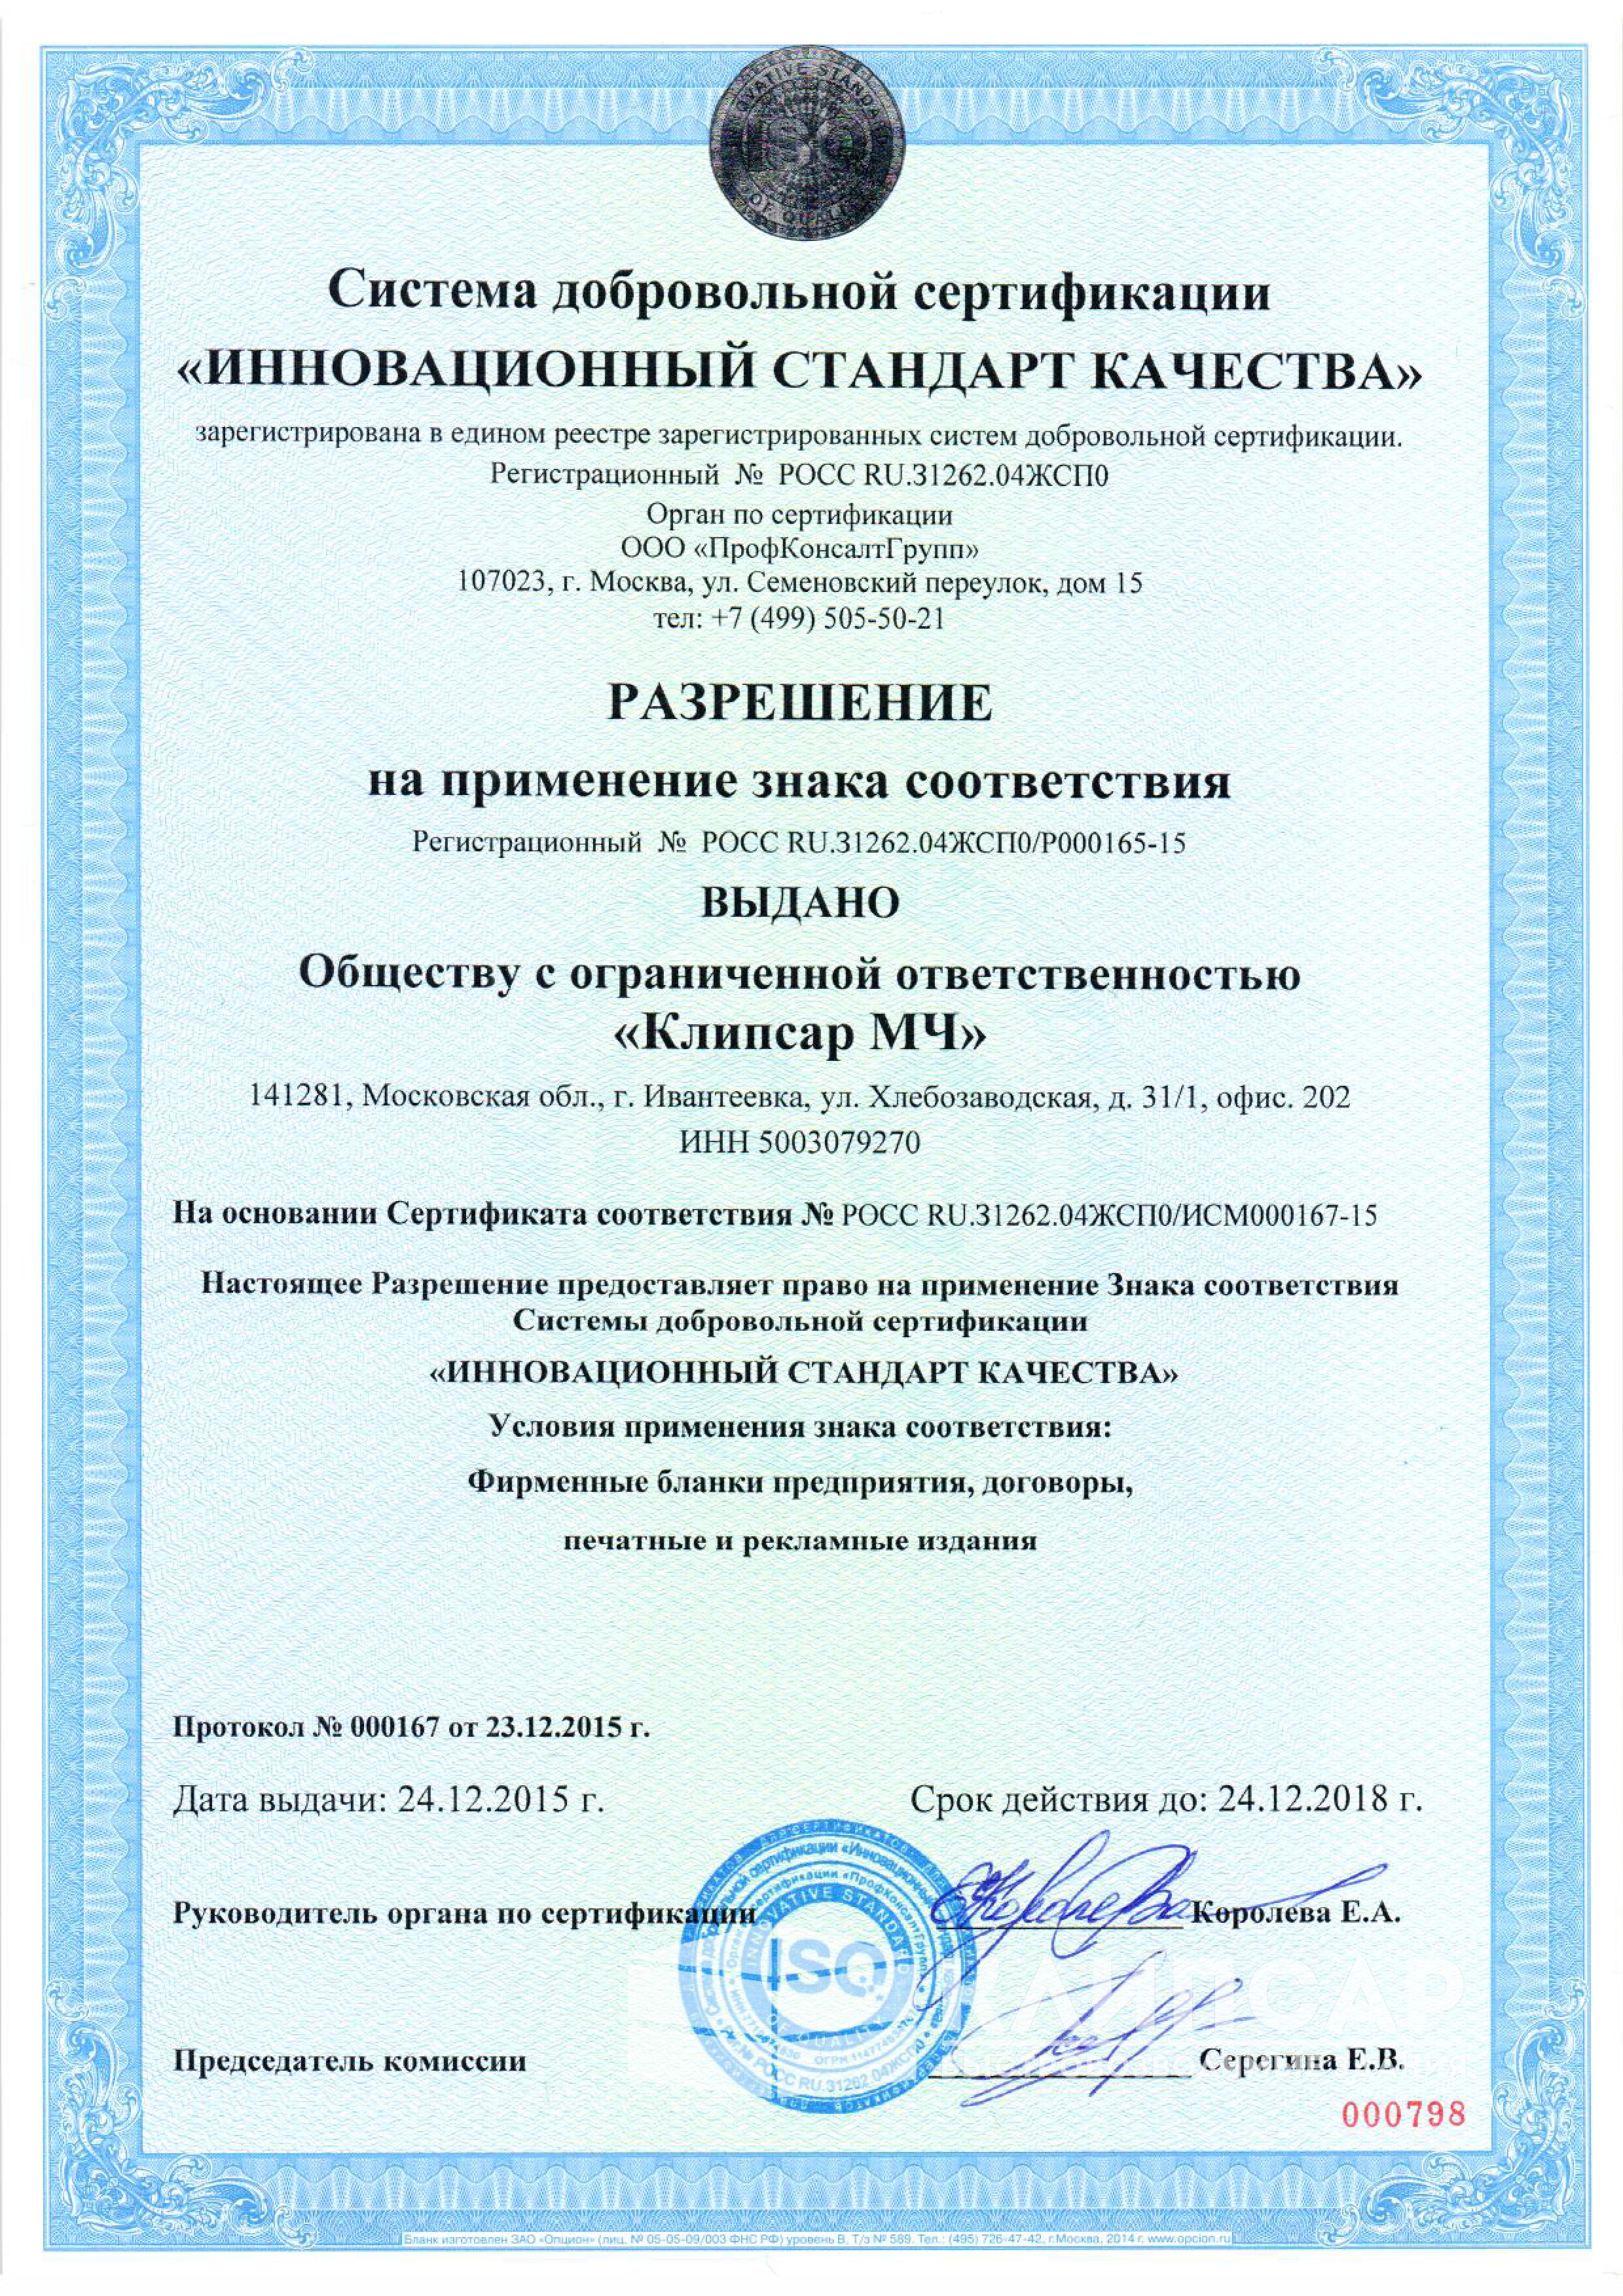 licenzii_klipsar